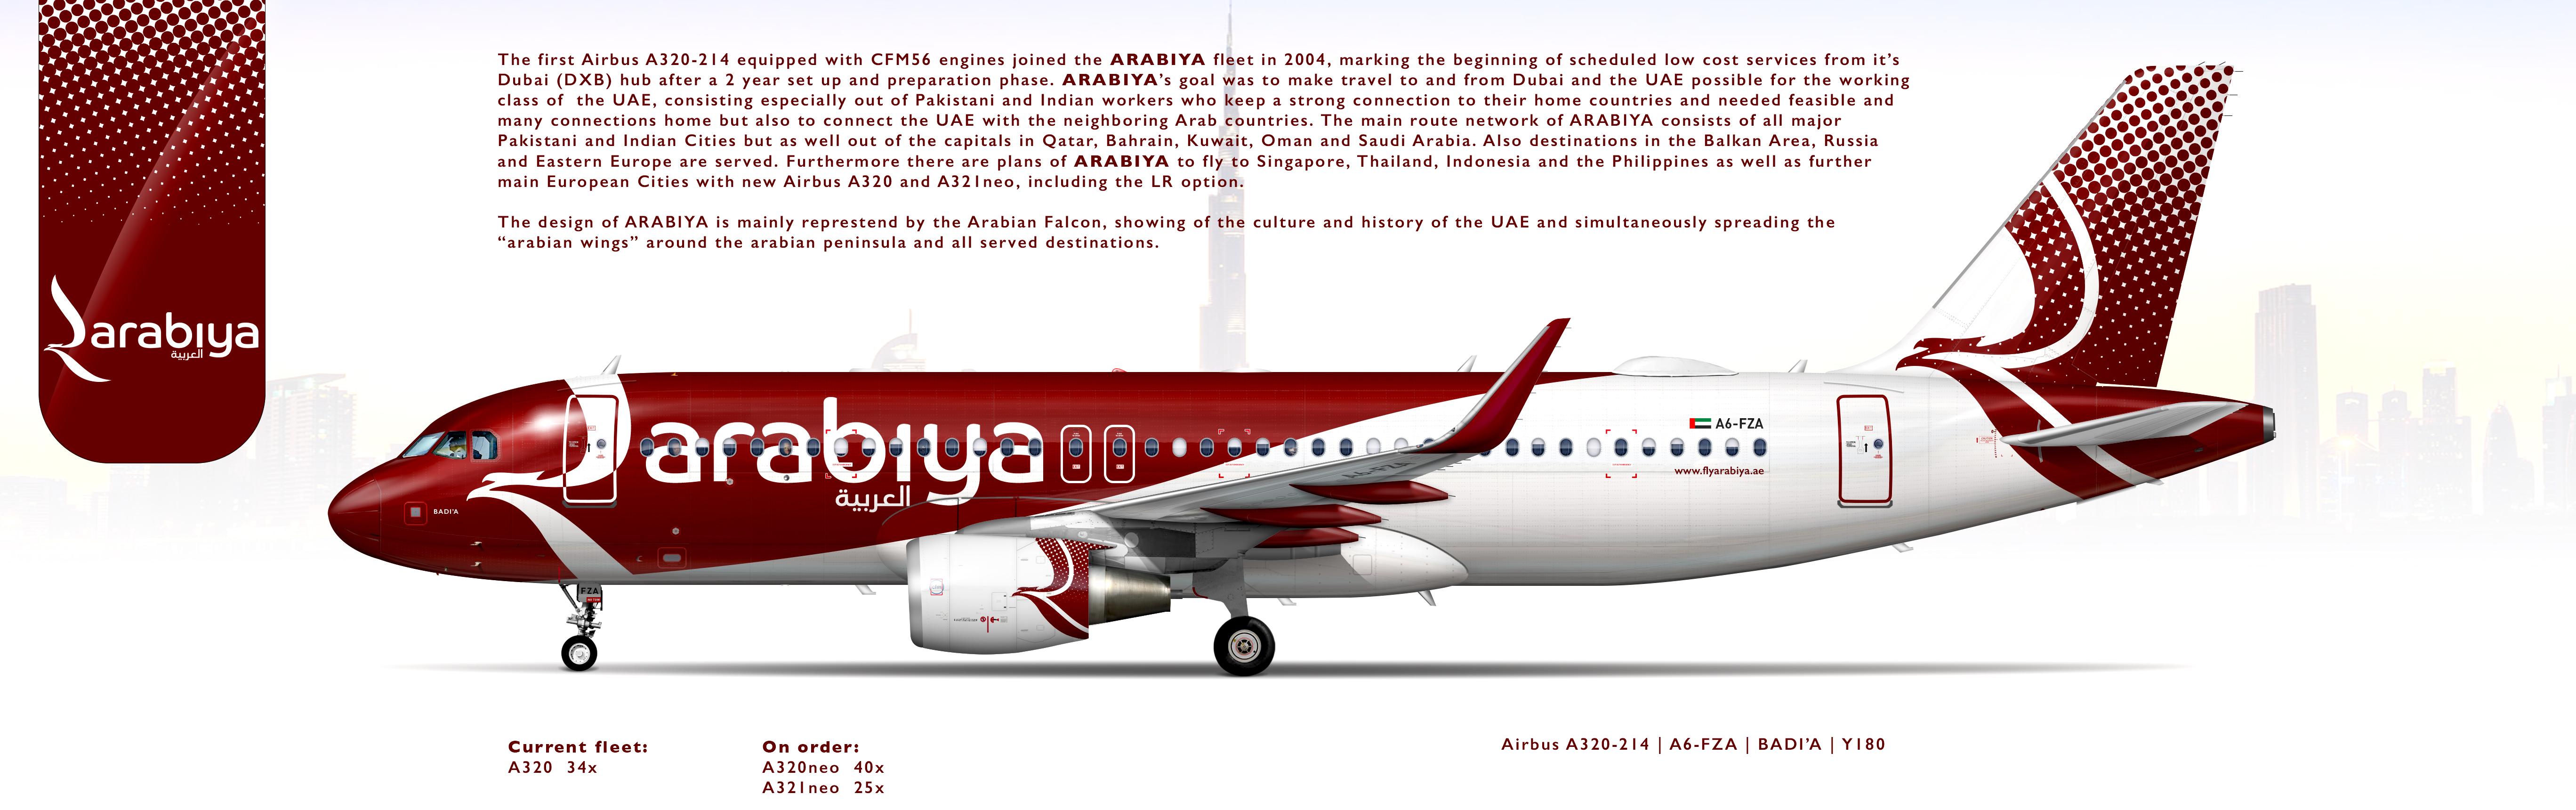 airbus_a320proarabiyanmjuw.jpg